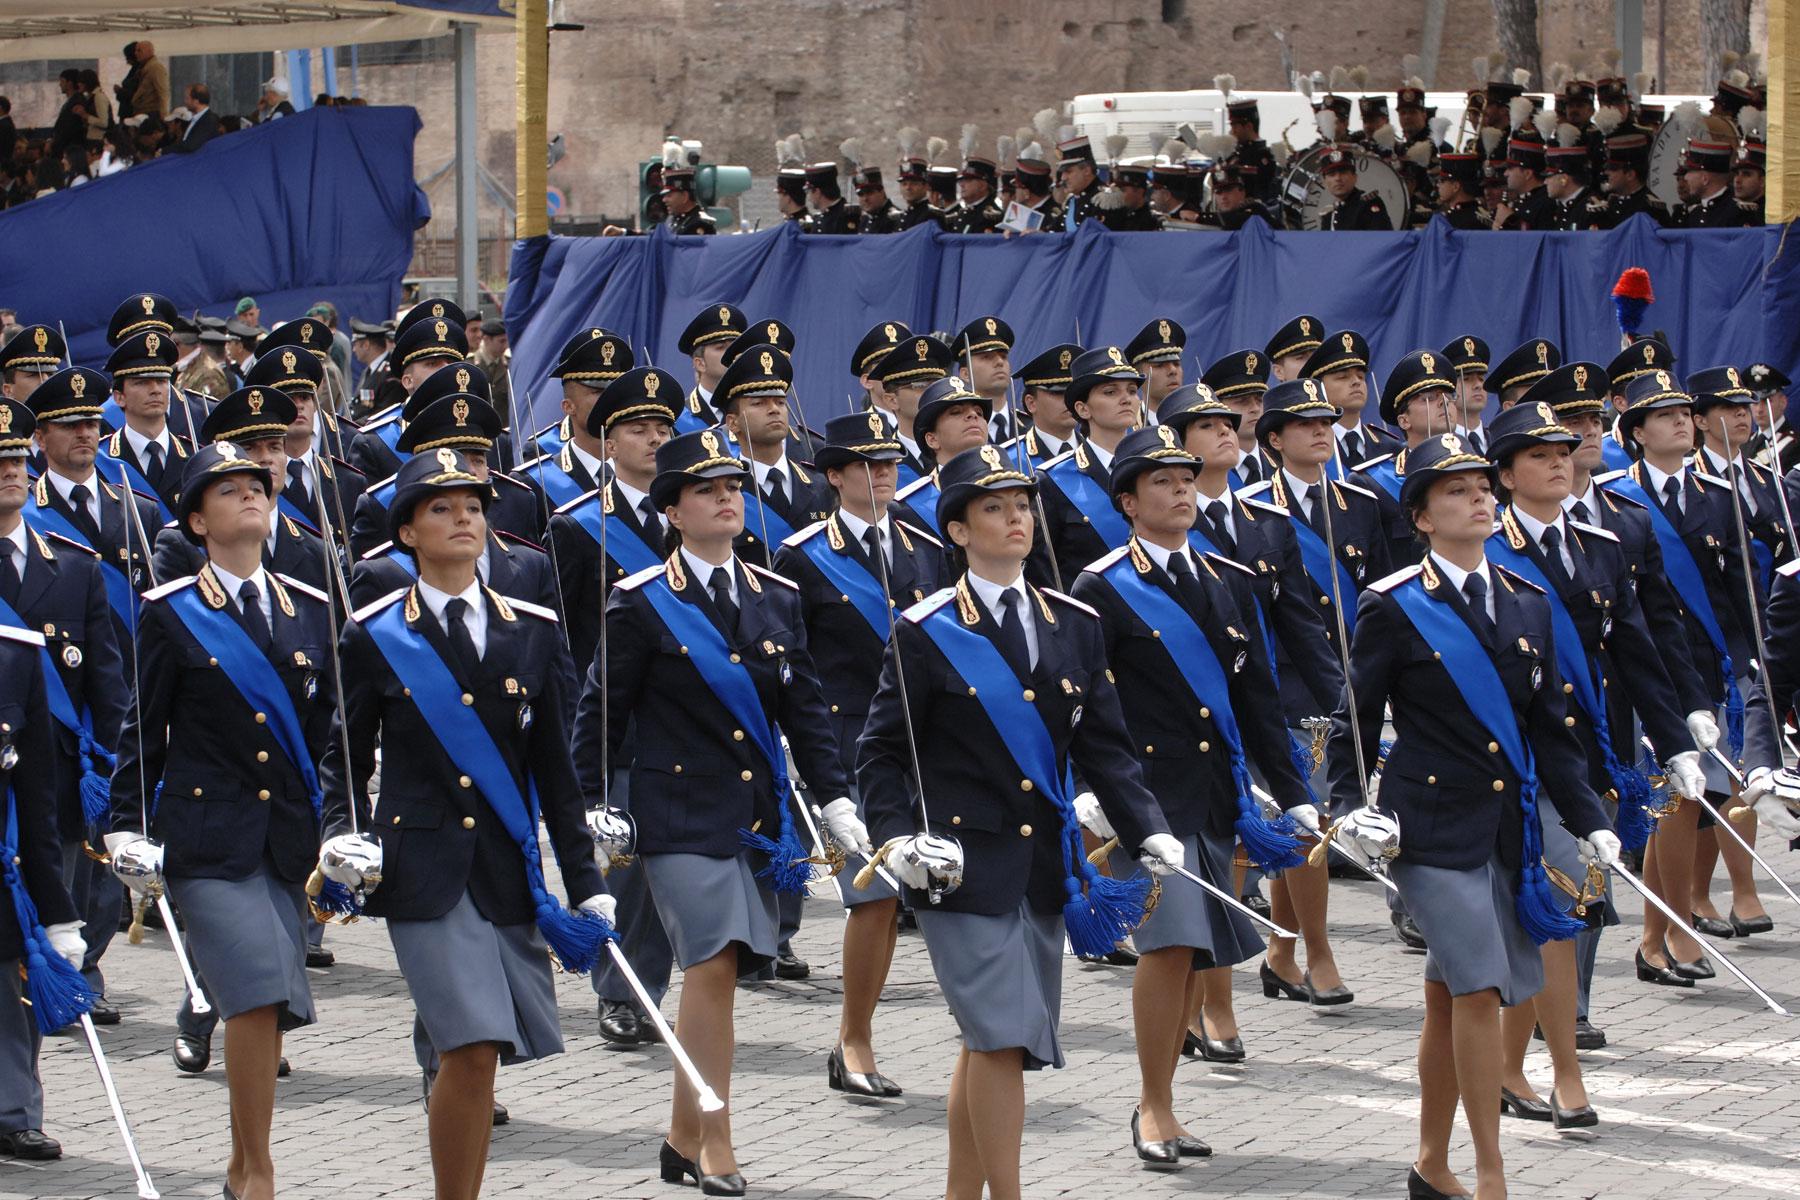 CONCORSO PUBBLICO PER TITOLI ED ESAMI PER 80 POSTI DI COMMISSARIO DEL RUOLO DEI COMMISSARI DELLA POLIZIA DI STATO